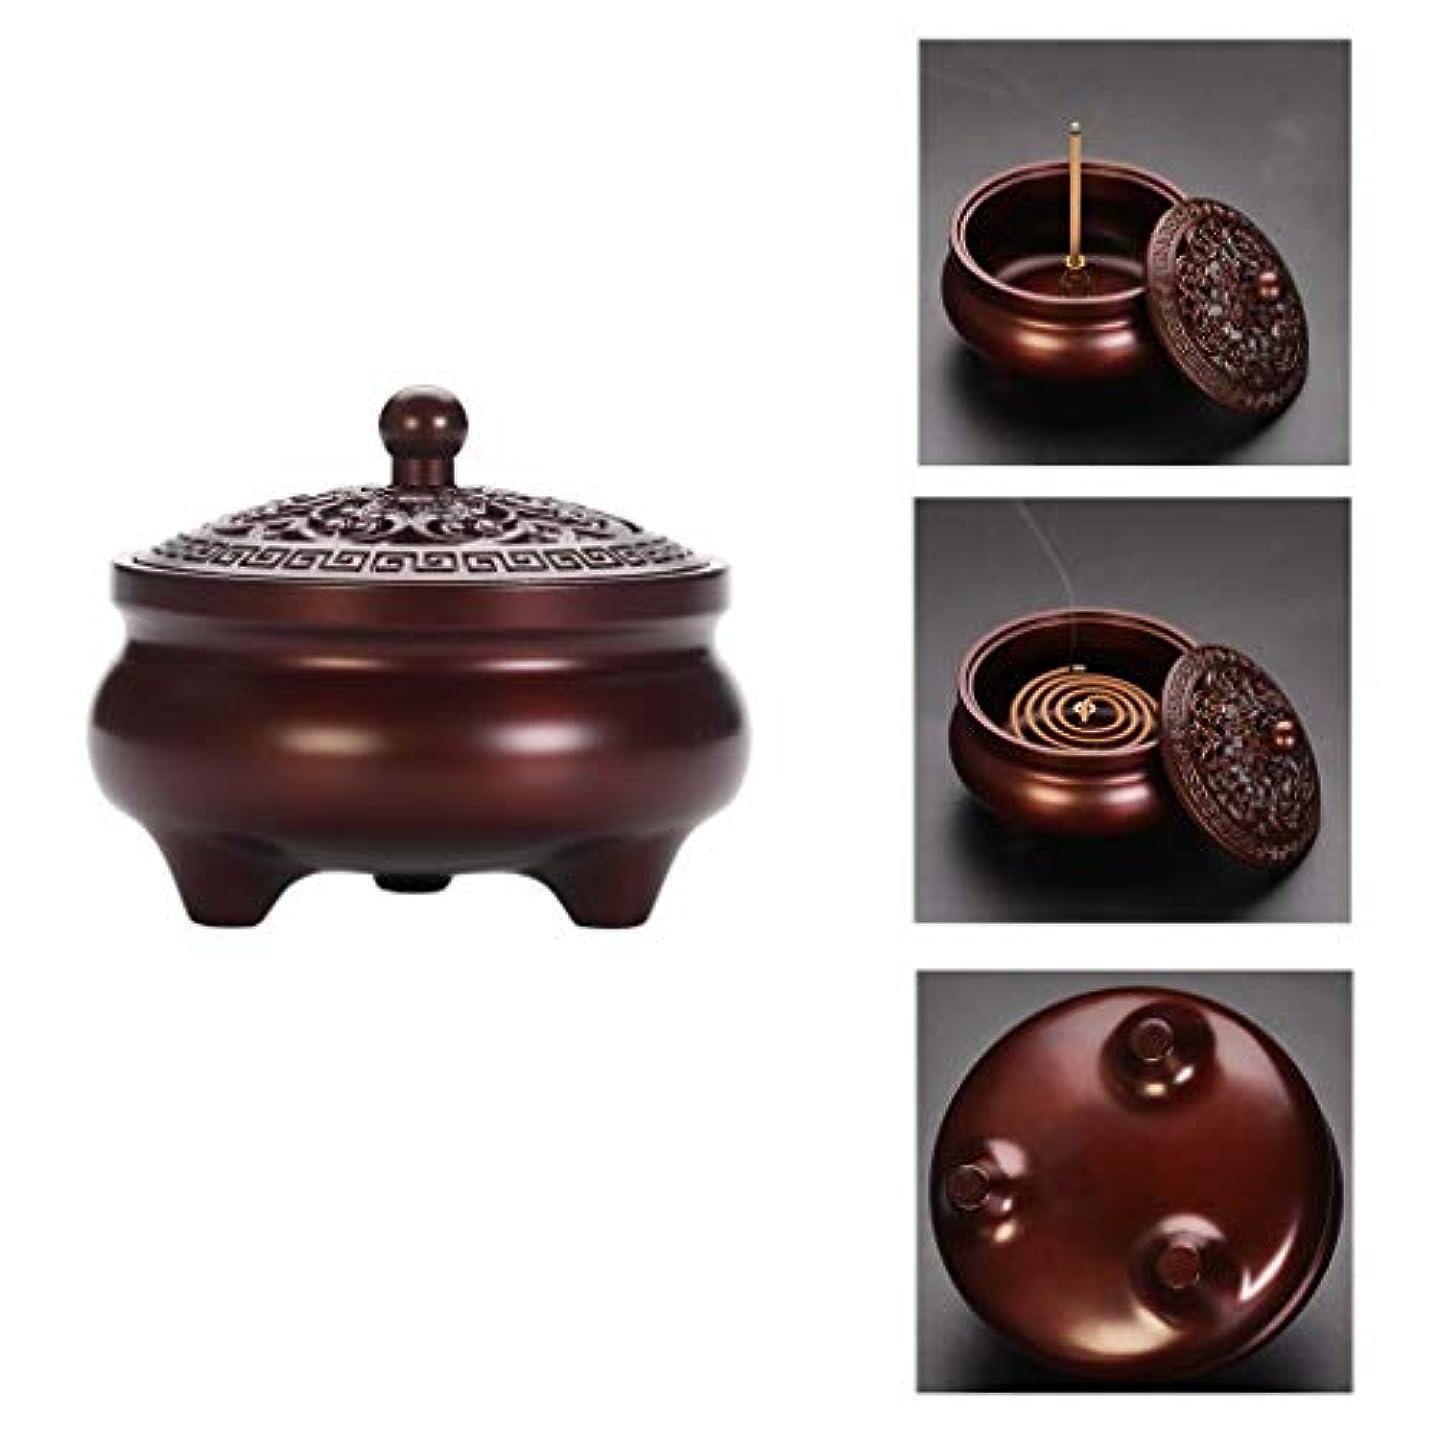 イディオムアーカイブスーツ芳香器?アロマバーナー 純銅製メカニズム香炉シンプルでエレガントな香炉内三脚アロマセラピー炉 アロマバーナー (Color : Purple Lotus)